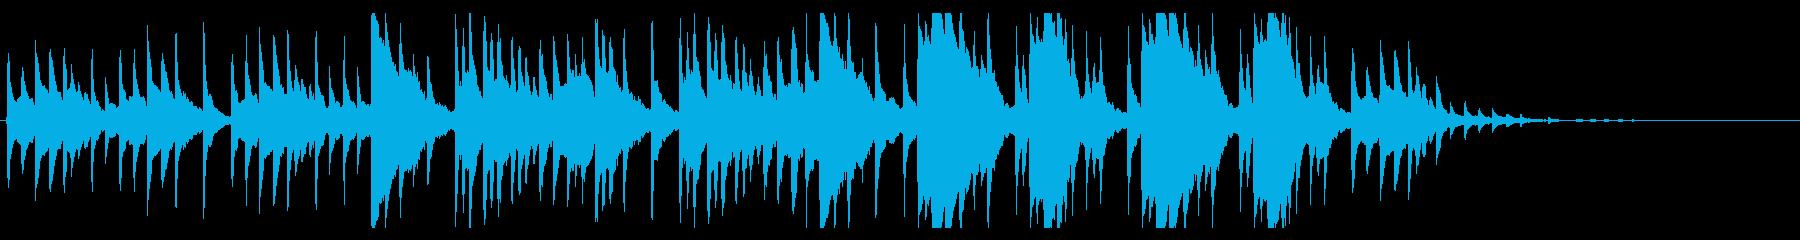 琴による正月らしい曲/日本/和風/結婚式の再生済みの波形